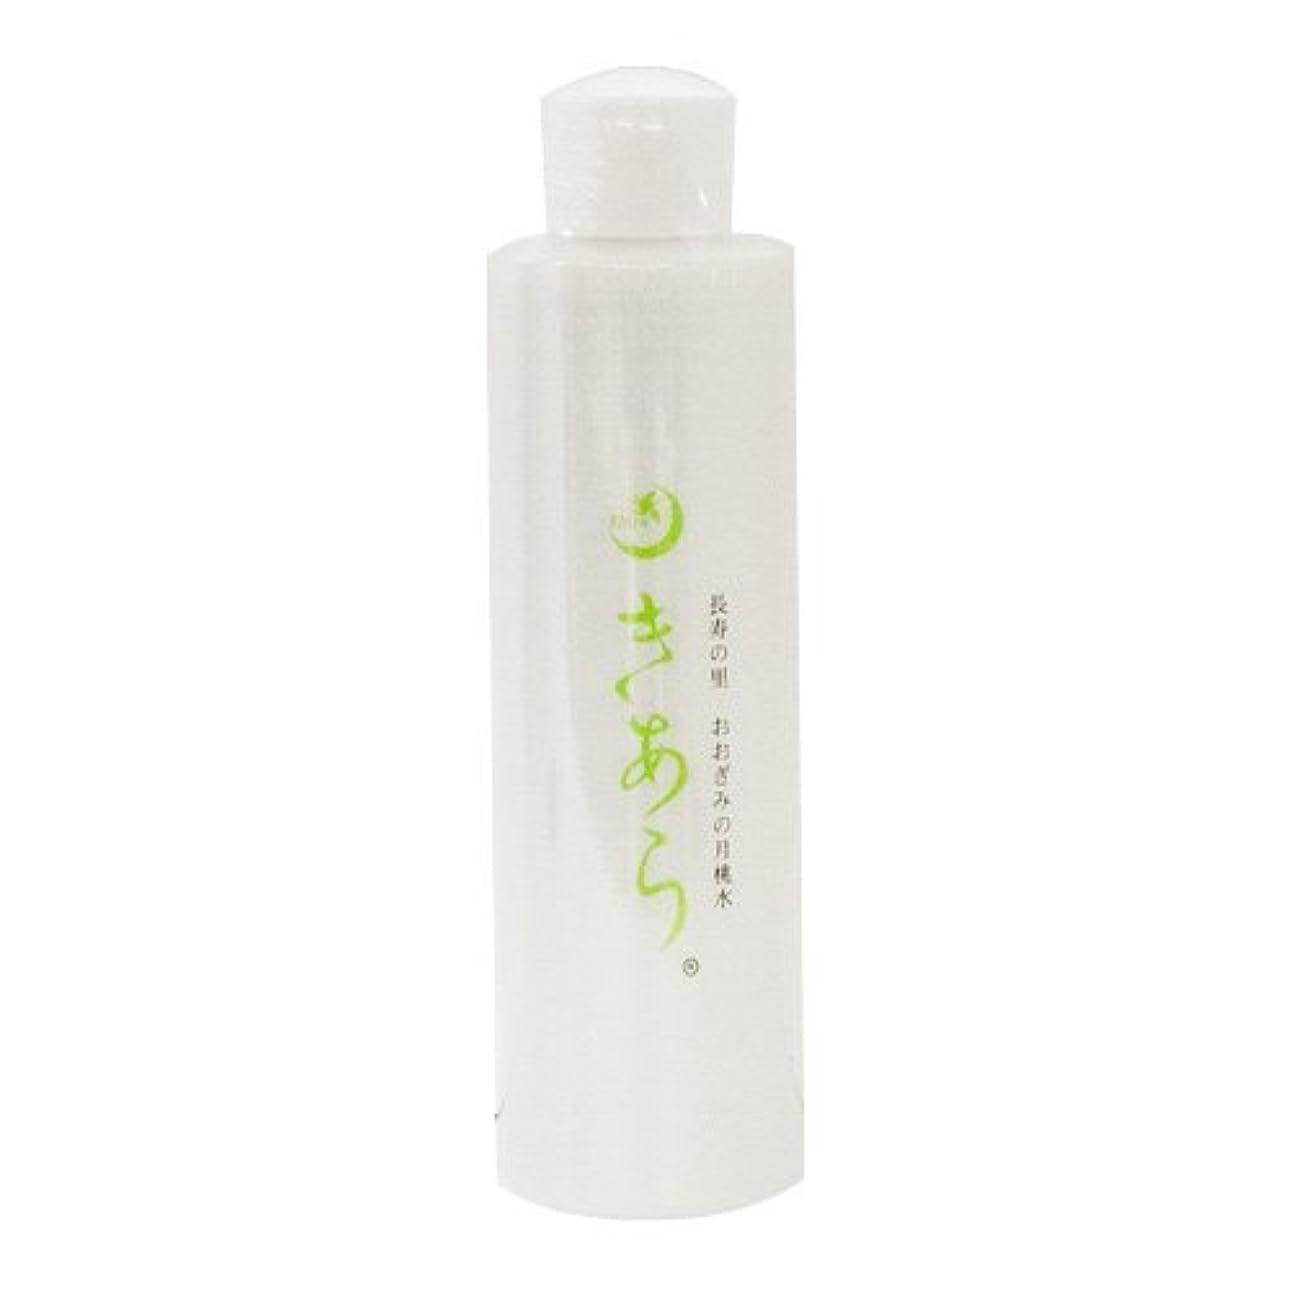 マイクロパンチ公化粧水 きあら (詰替用) 200ml